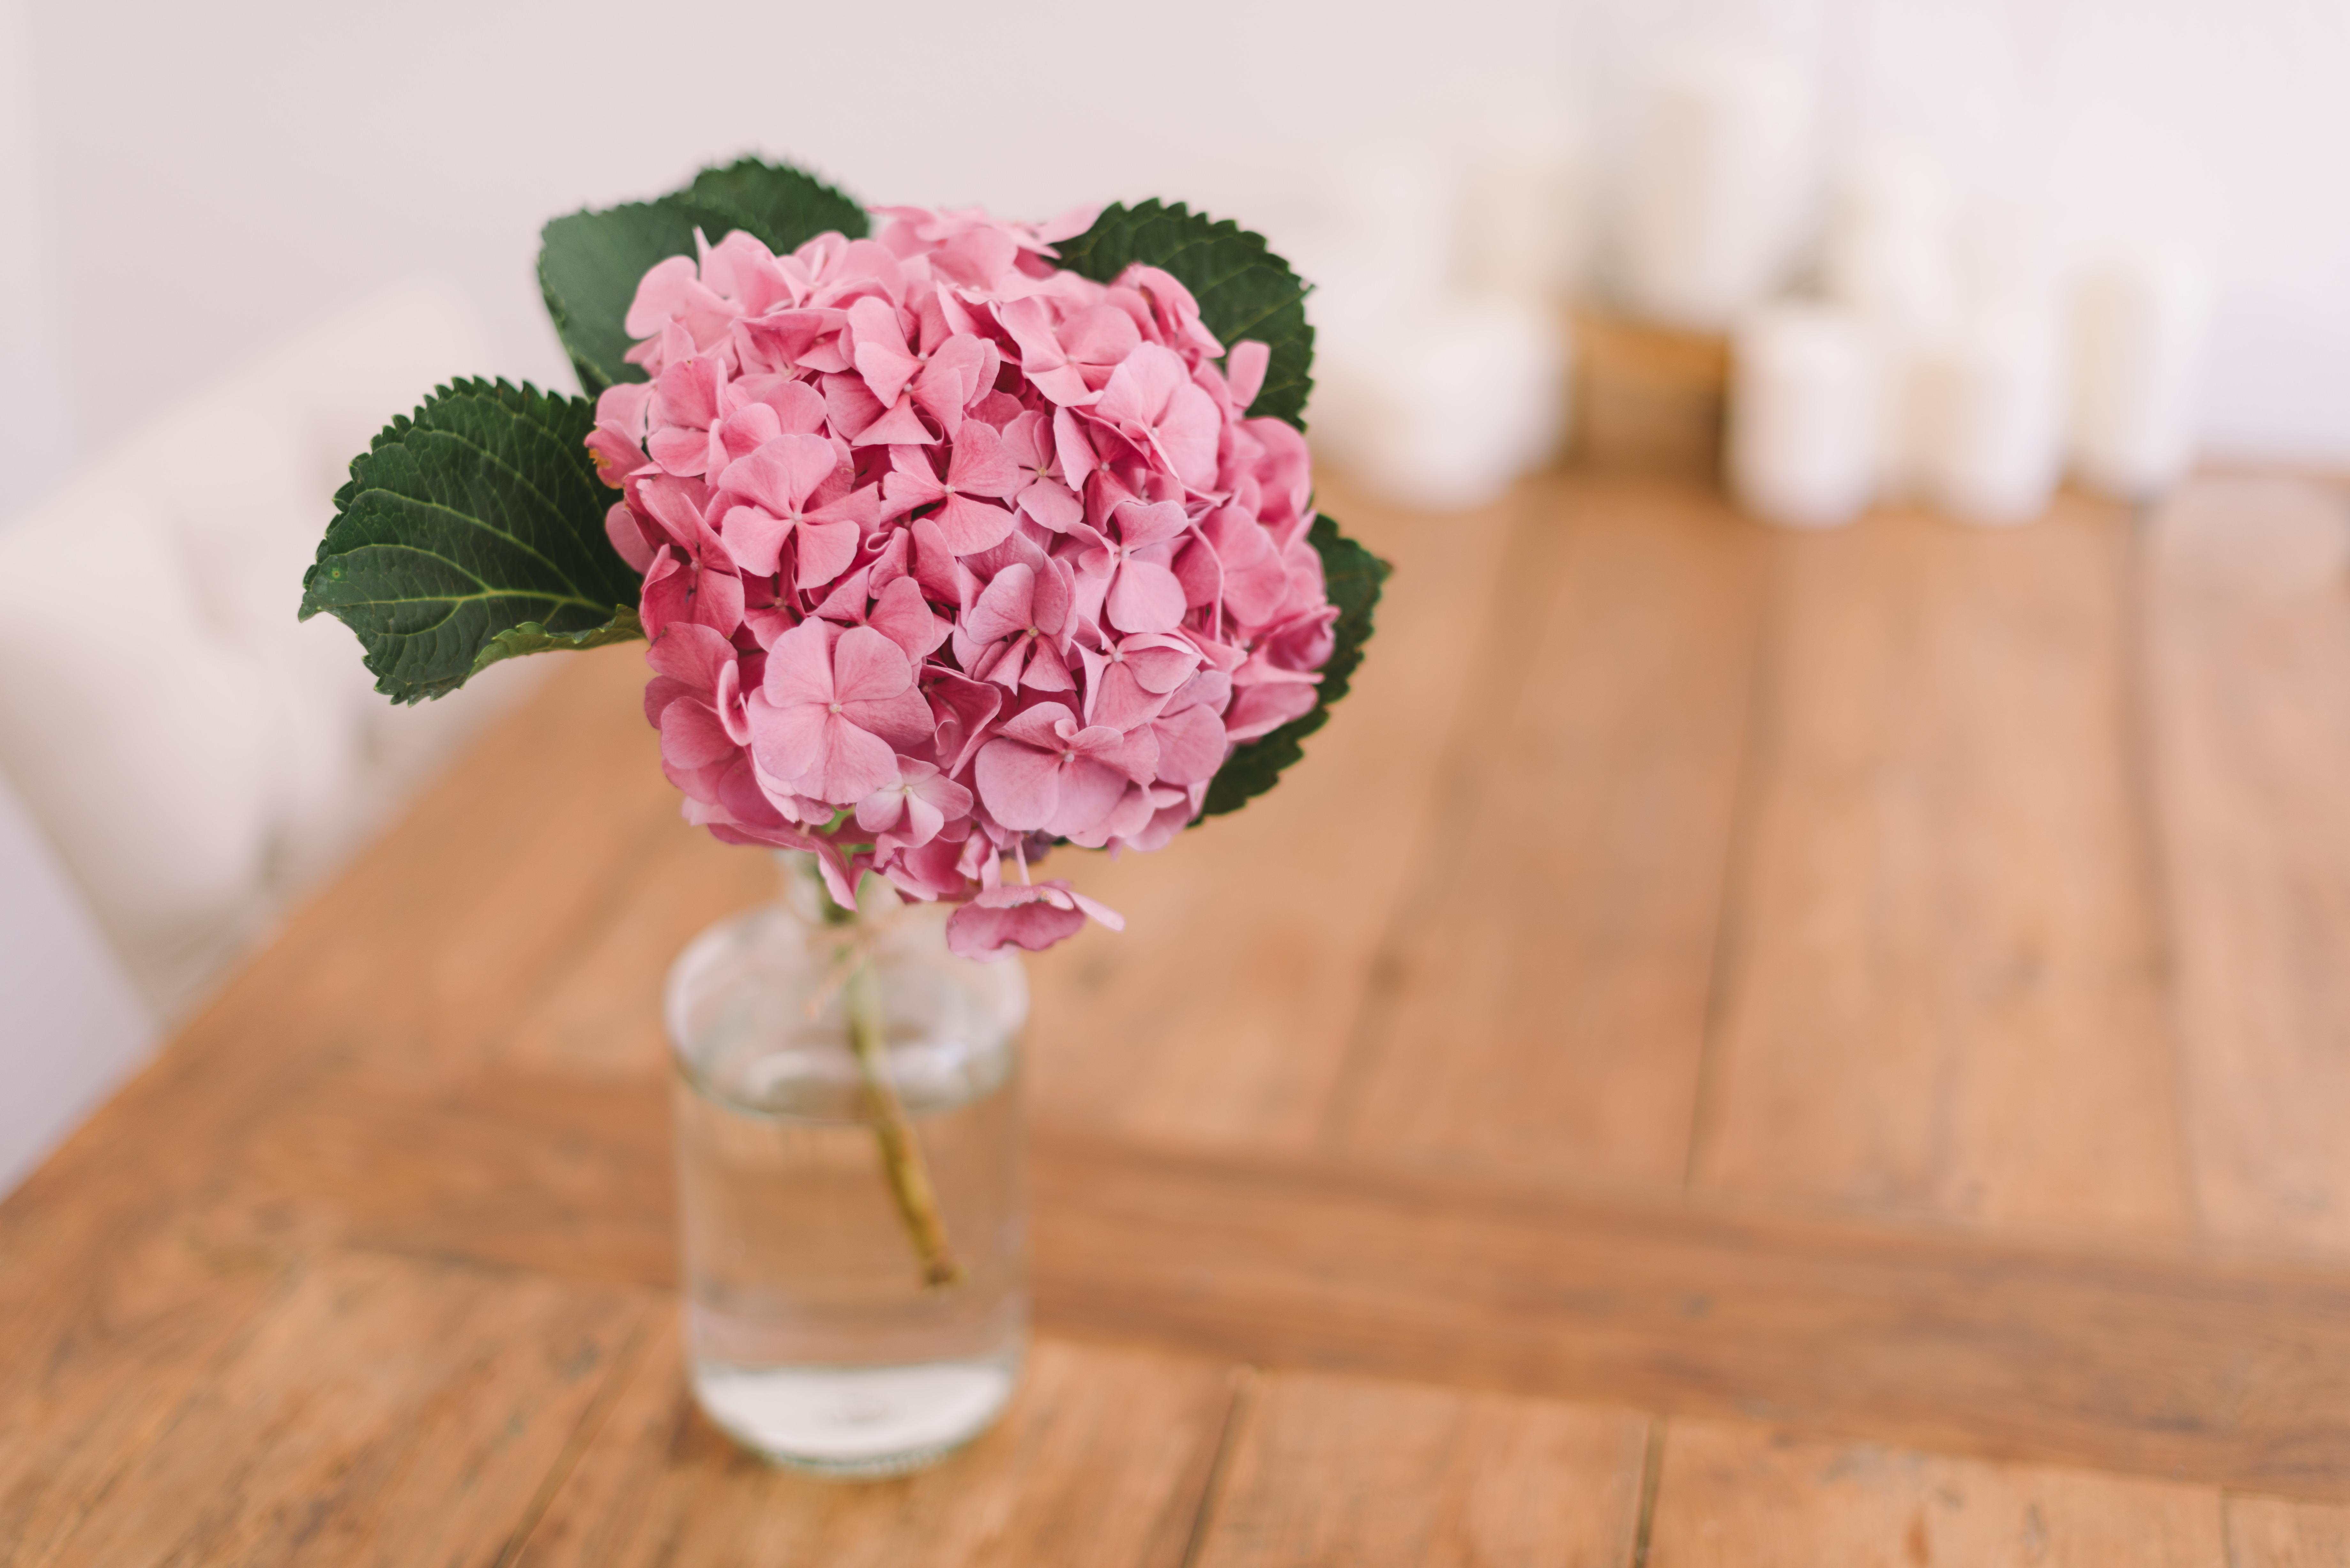 Darmowe Zdjęcia Stół Kwiat Płatek Wazon Różowy